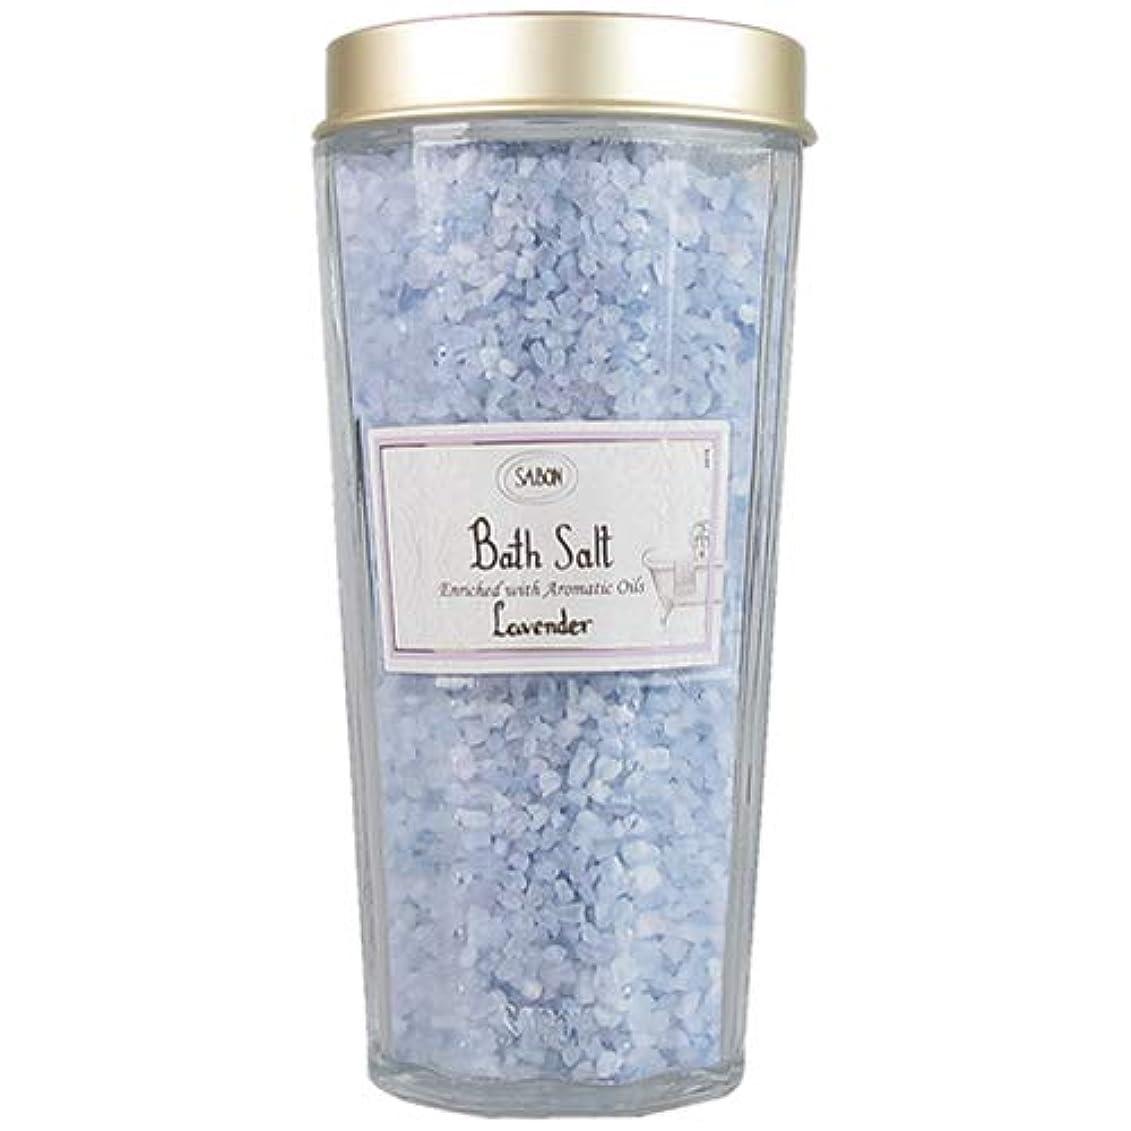 受益者揃える南東サボン バスソルト ラベンダー 350g SABON [入浴剤] Bath Salt [並行輸入品]